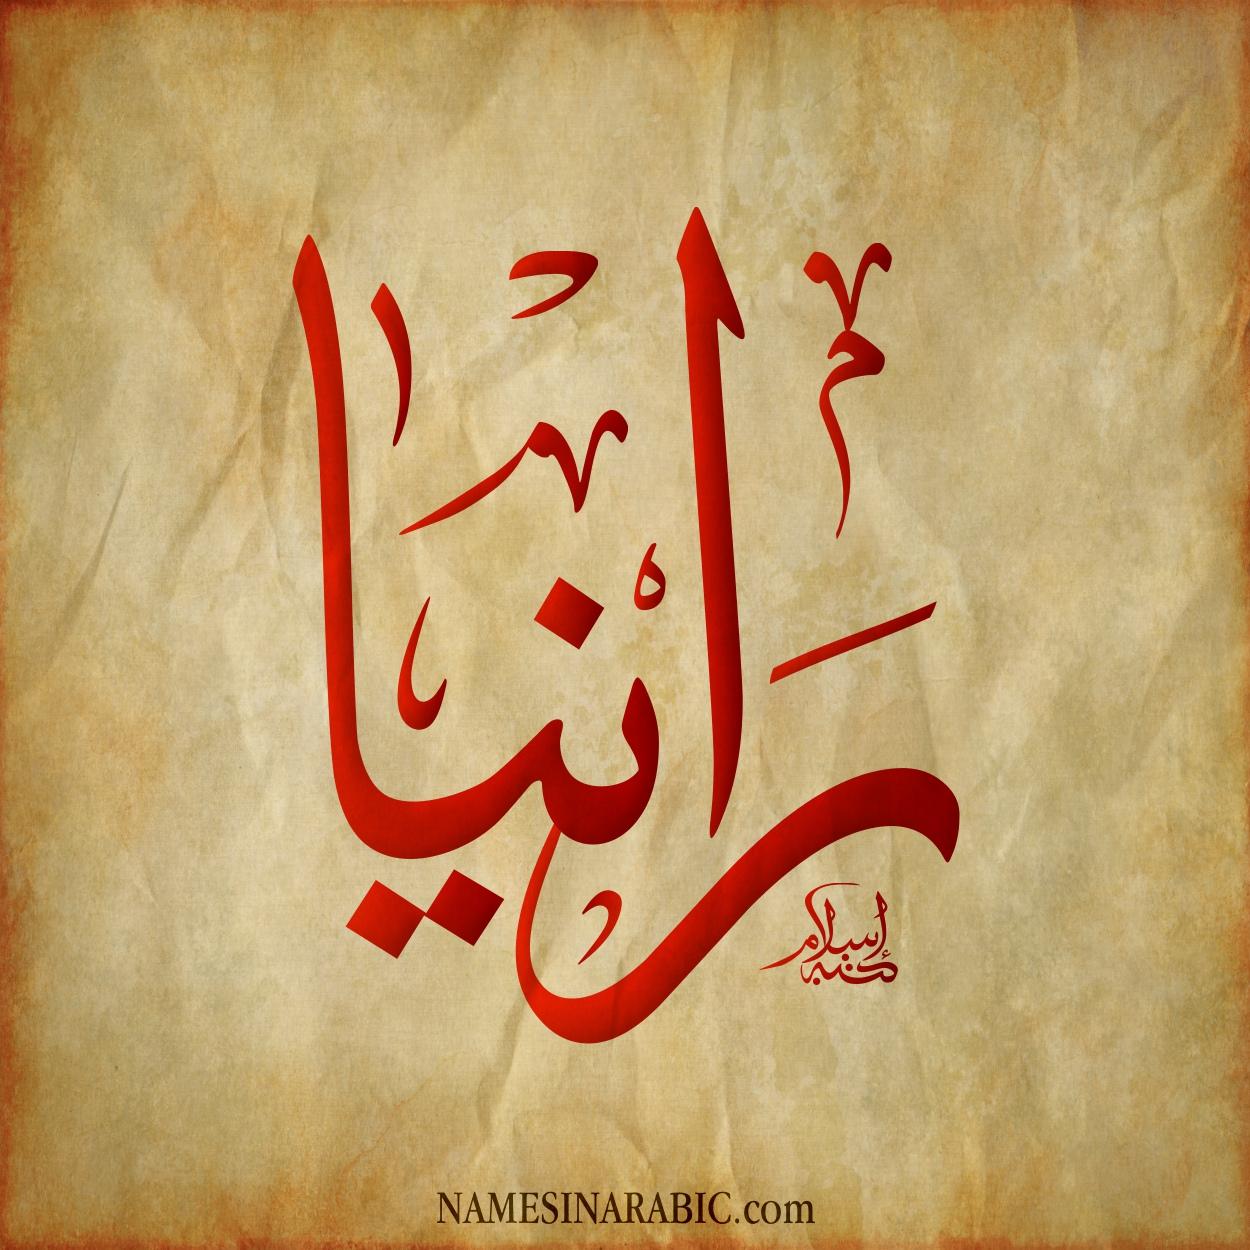 صورة اسم رانيا Rania اسم رانيا بالخط العربي من موقع الأسماء بالخط العربي بريشة الفنان إسلام ابن الفضل